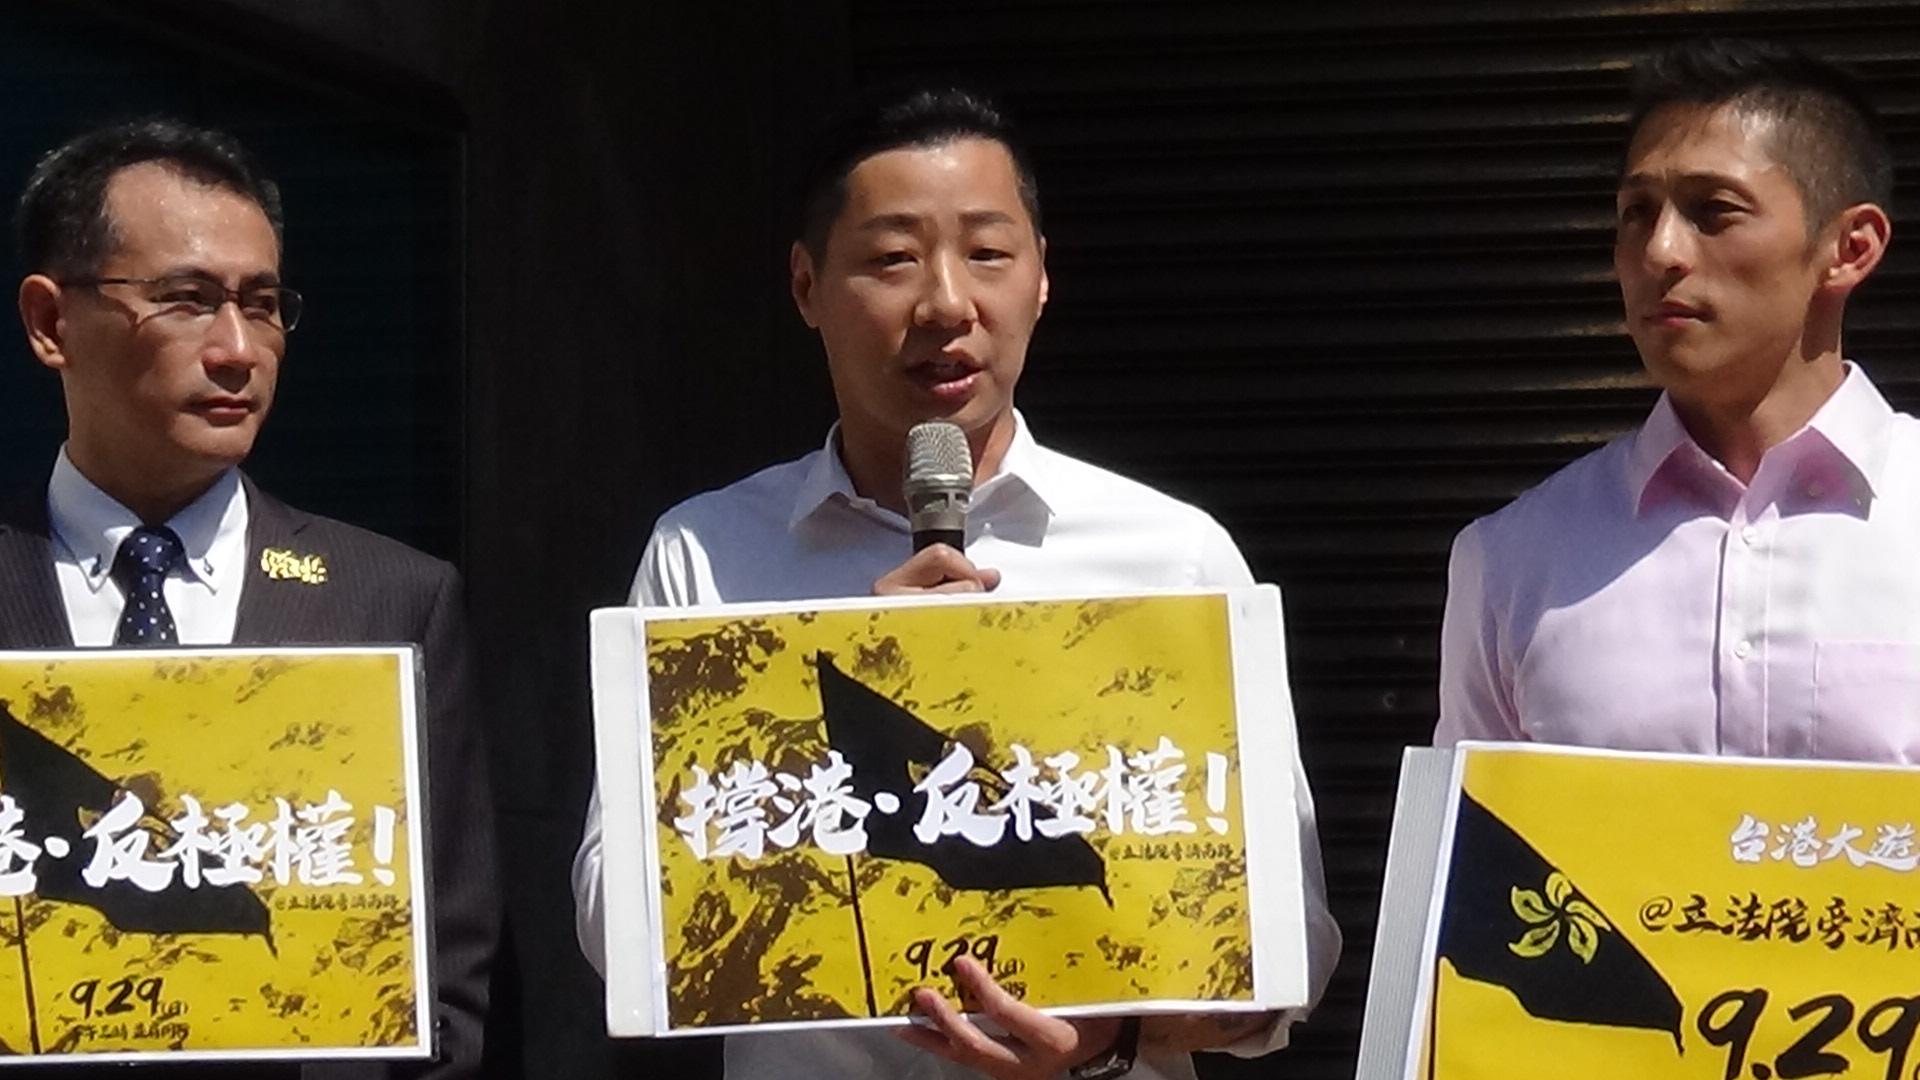 立法委员林昶佐(中)质疑不跟香港人站在一起就是跟中国政府站在一起。(记者夏小华摄)